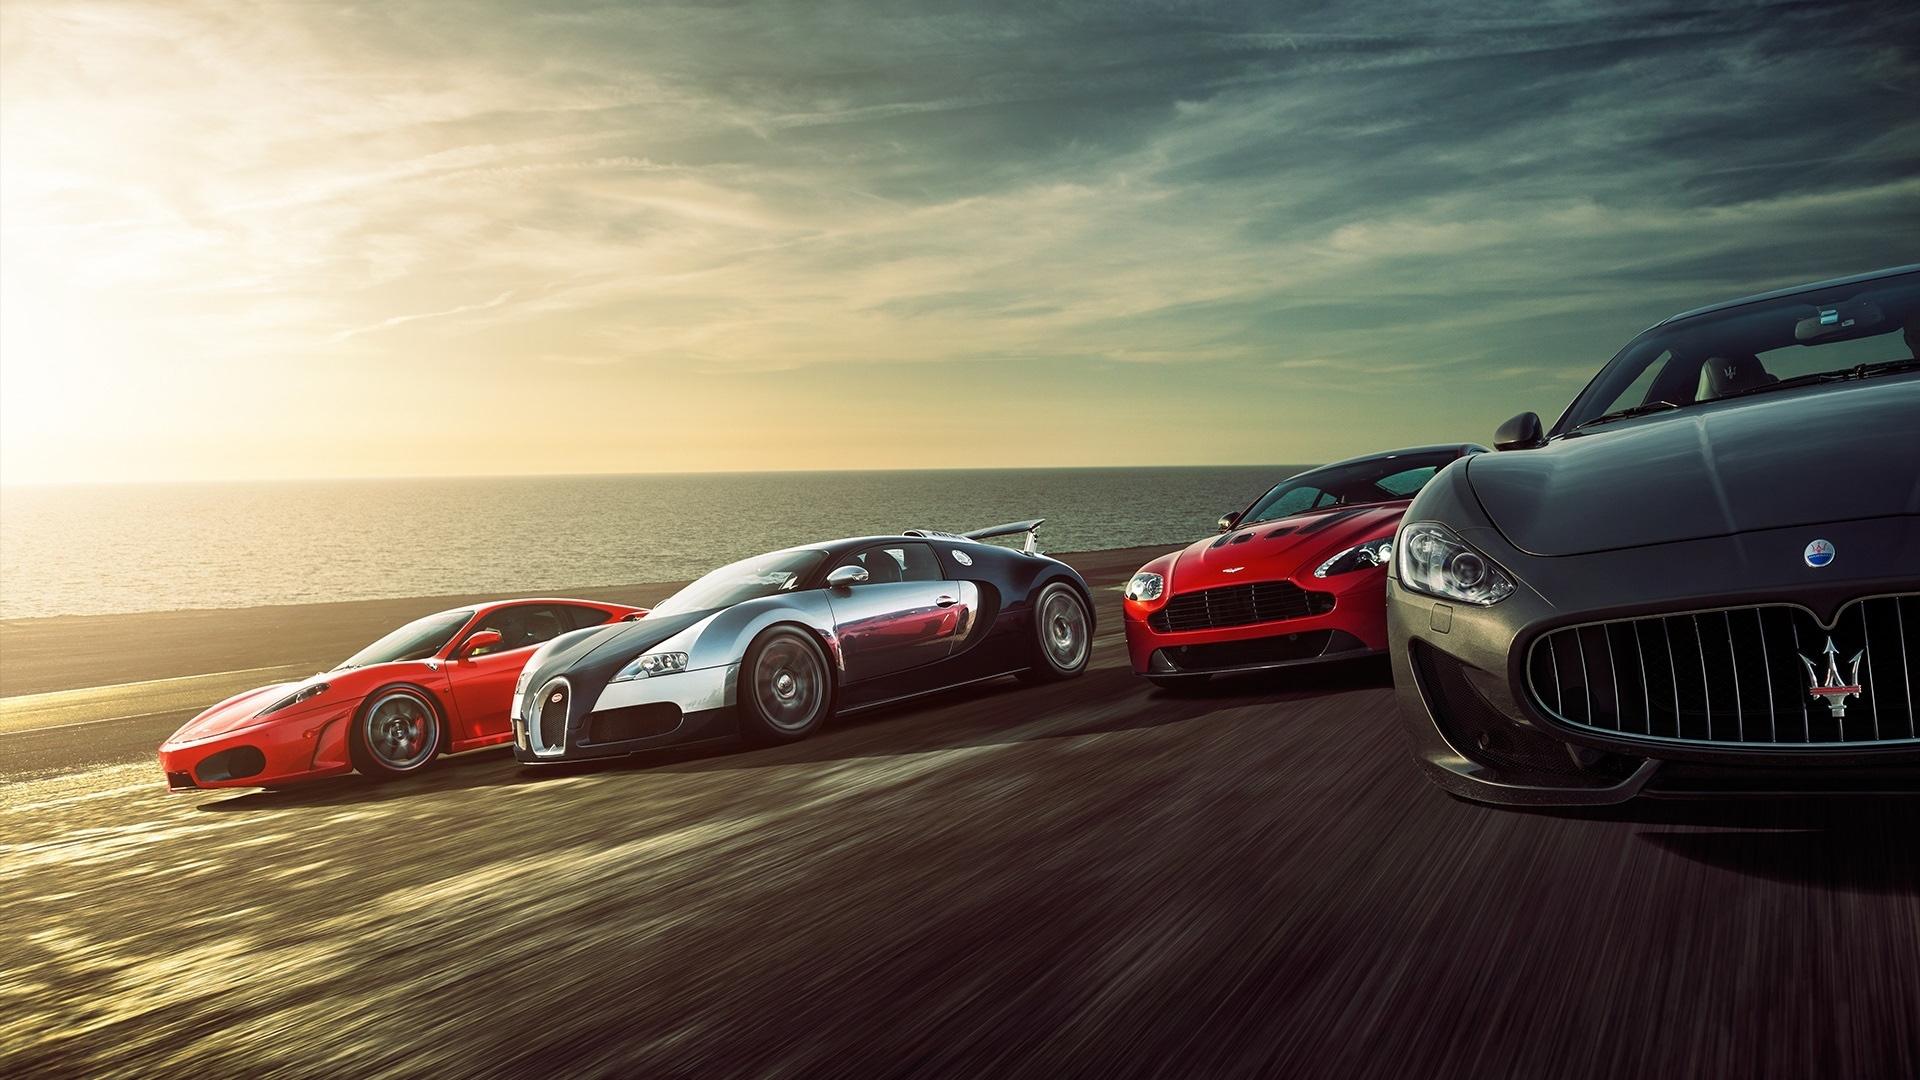 super sports cars wallpaper | hd car wallpapers